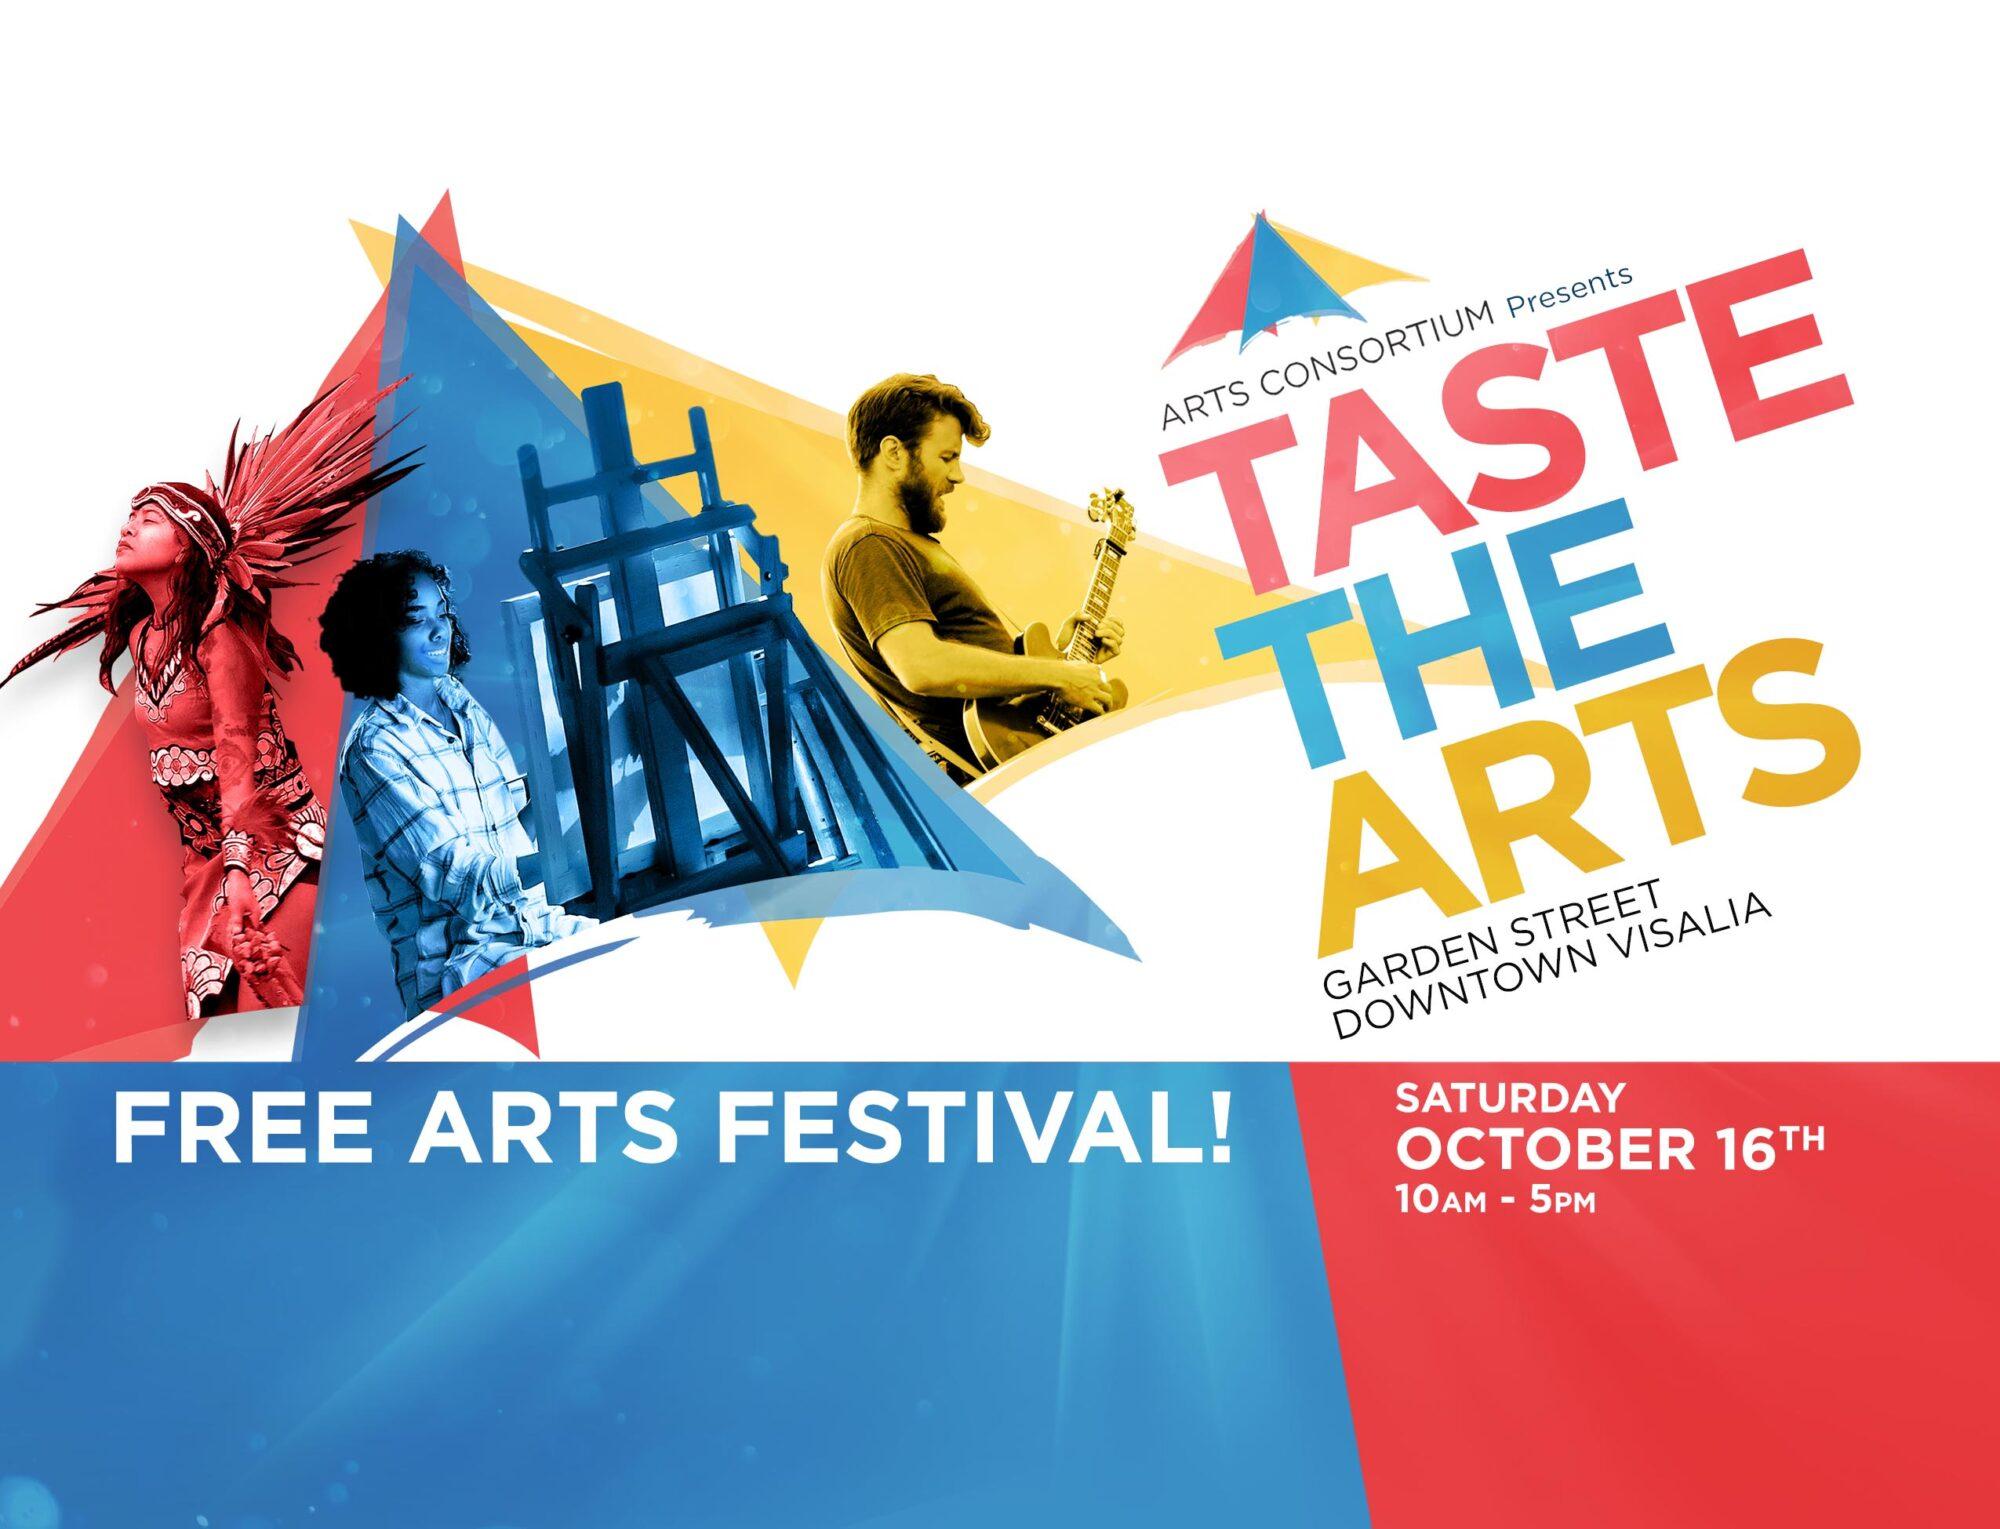 Arts Consortium